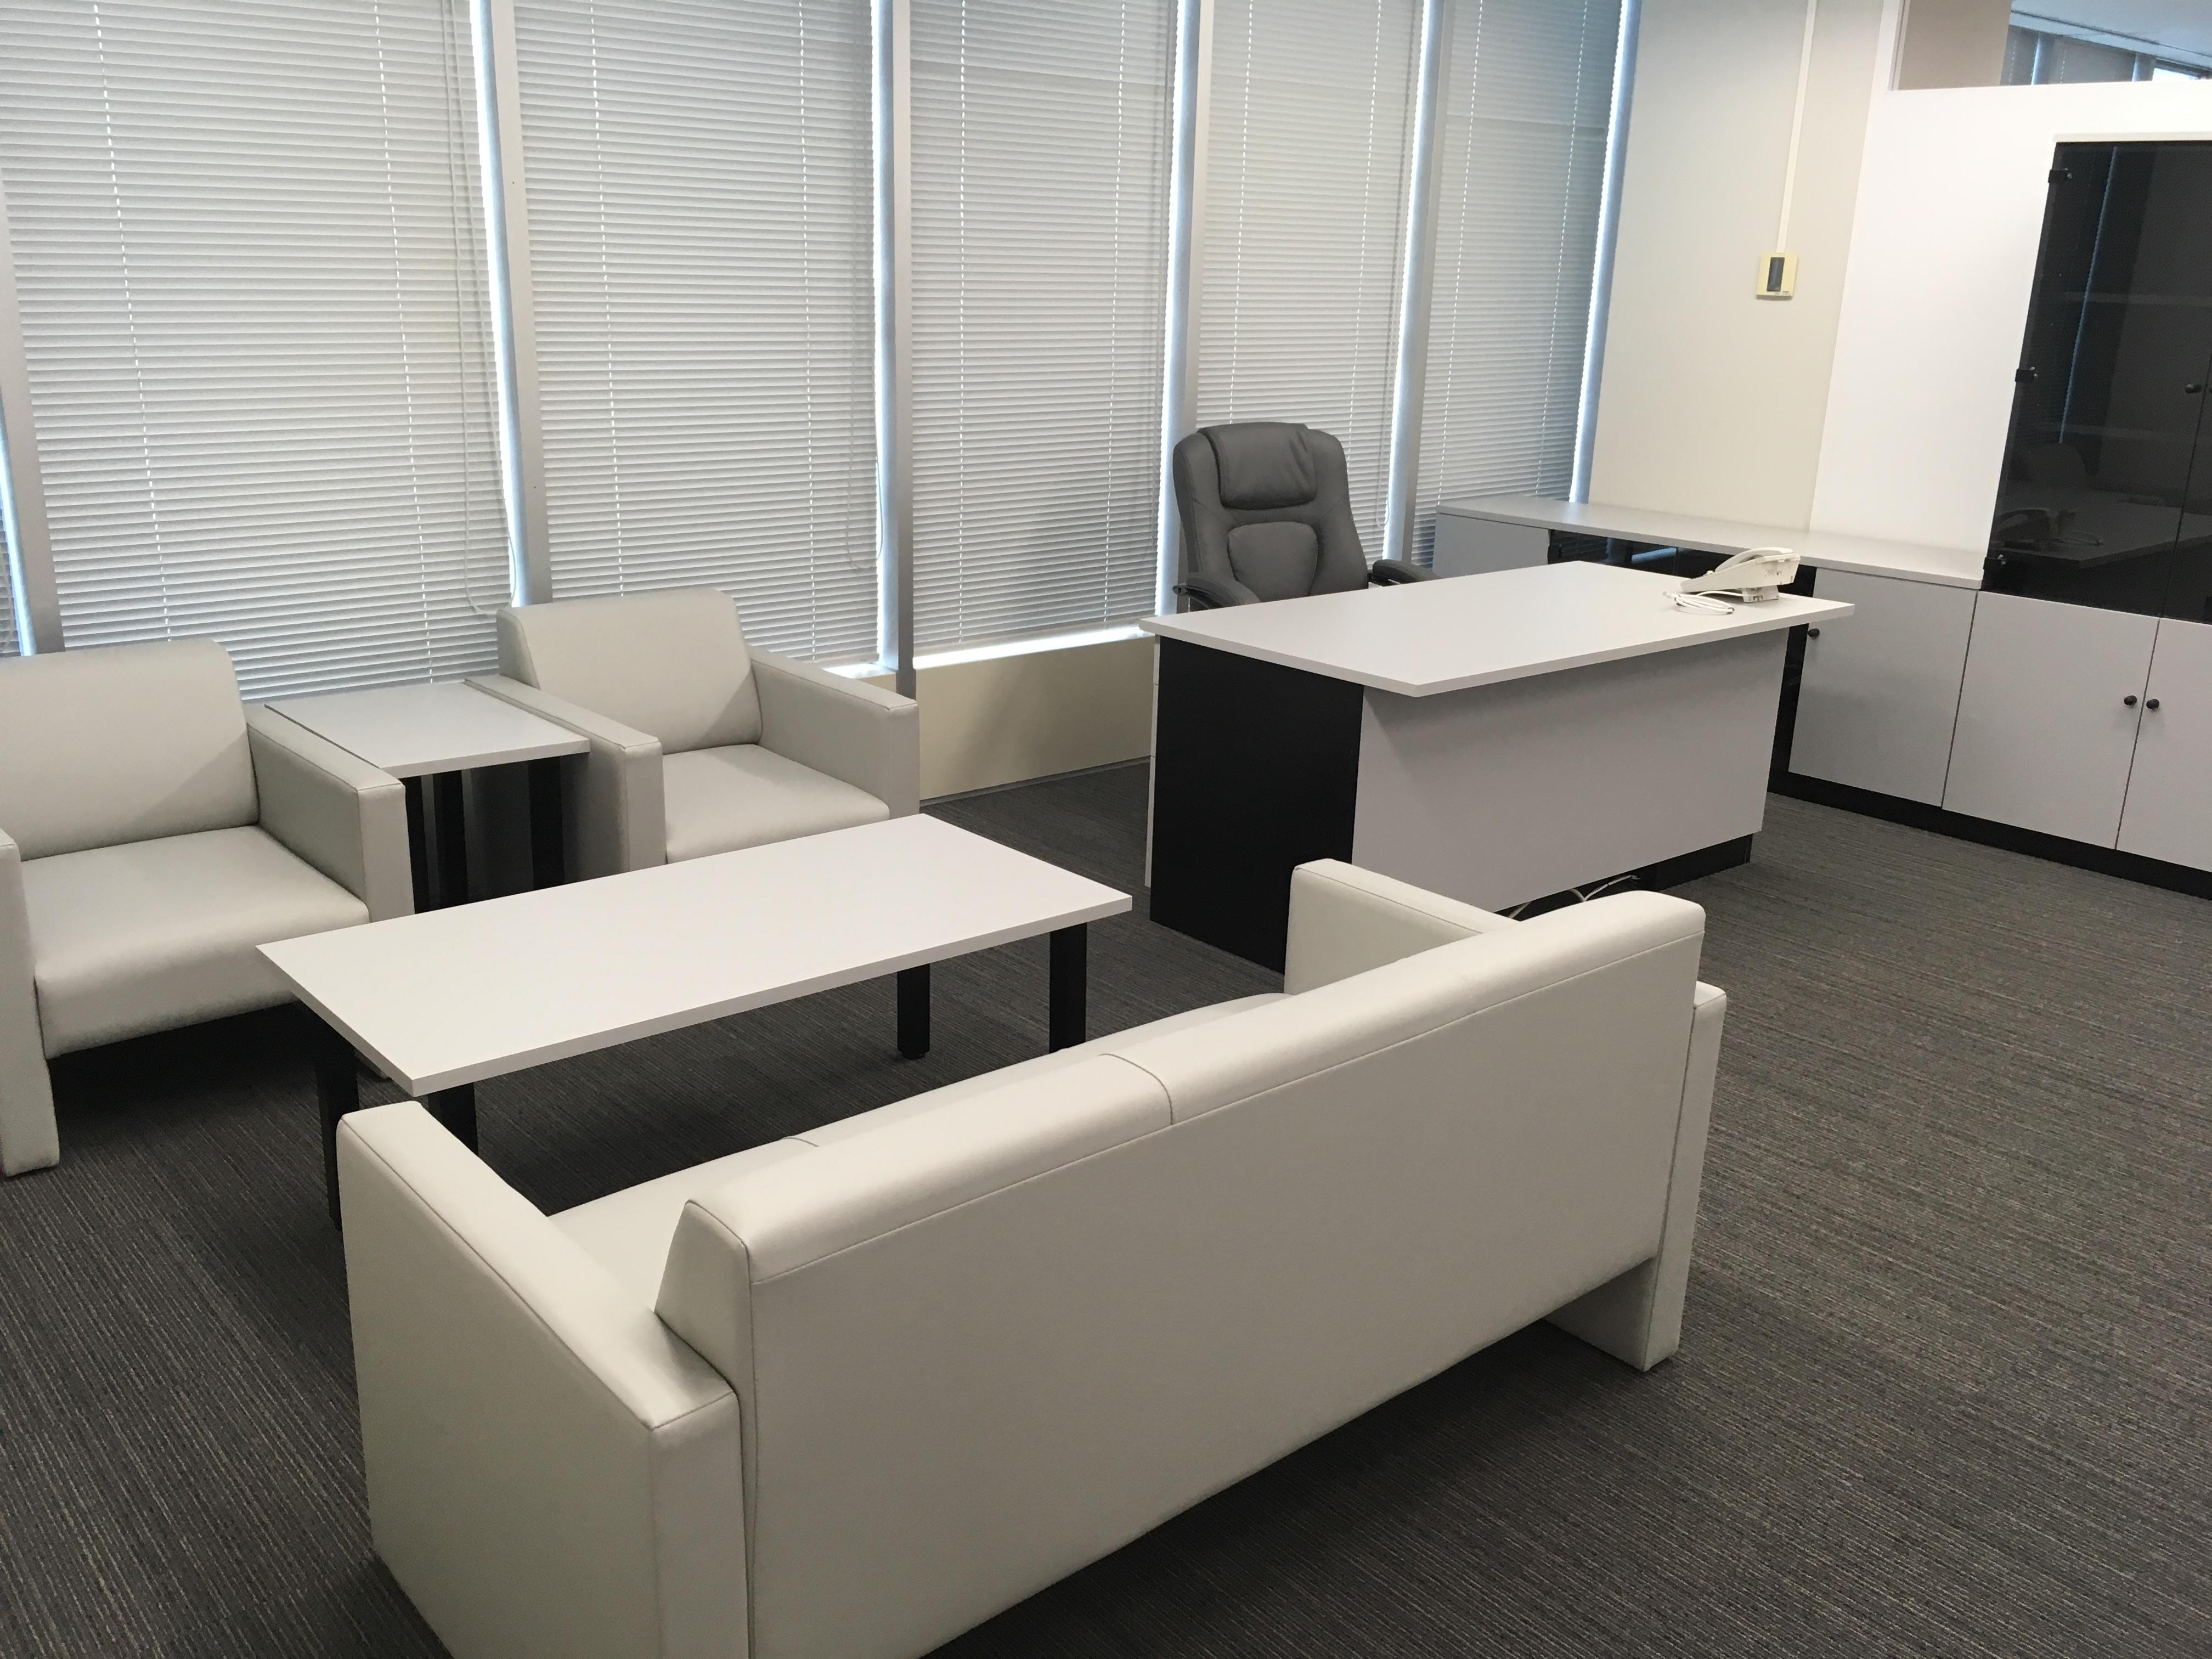 オフィスの役員家具と応接セットを納めました。